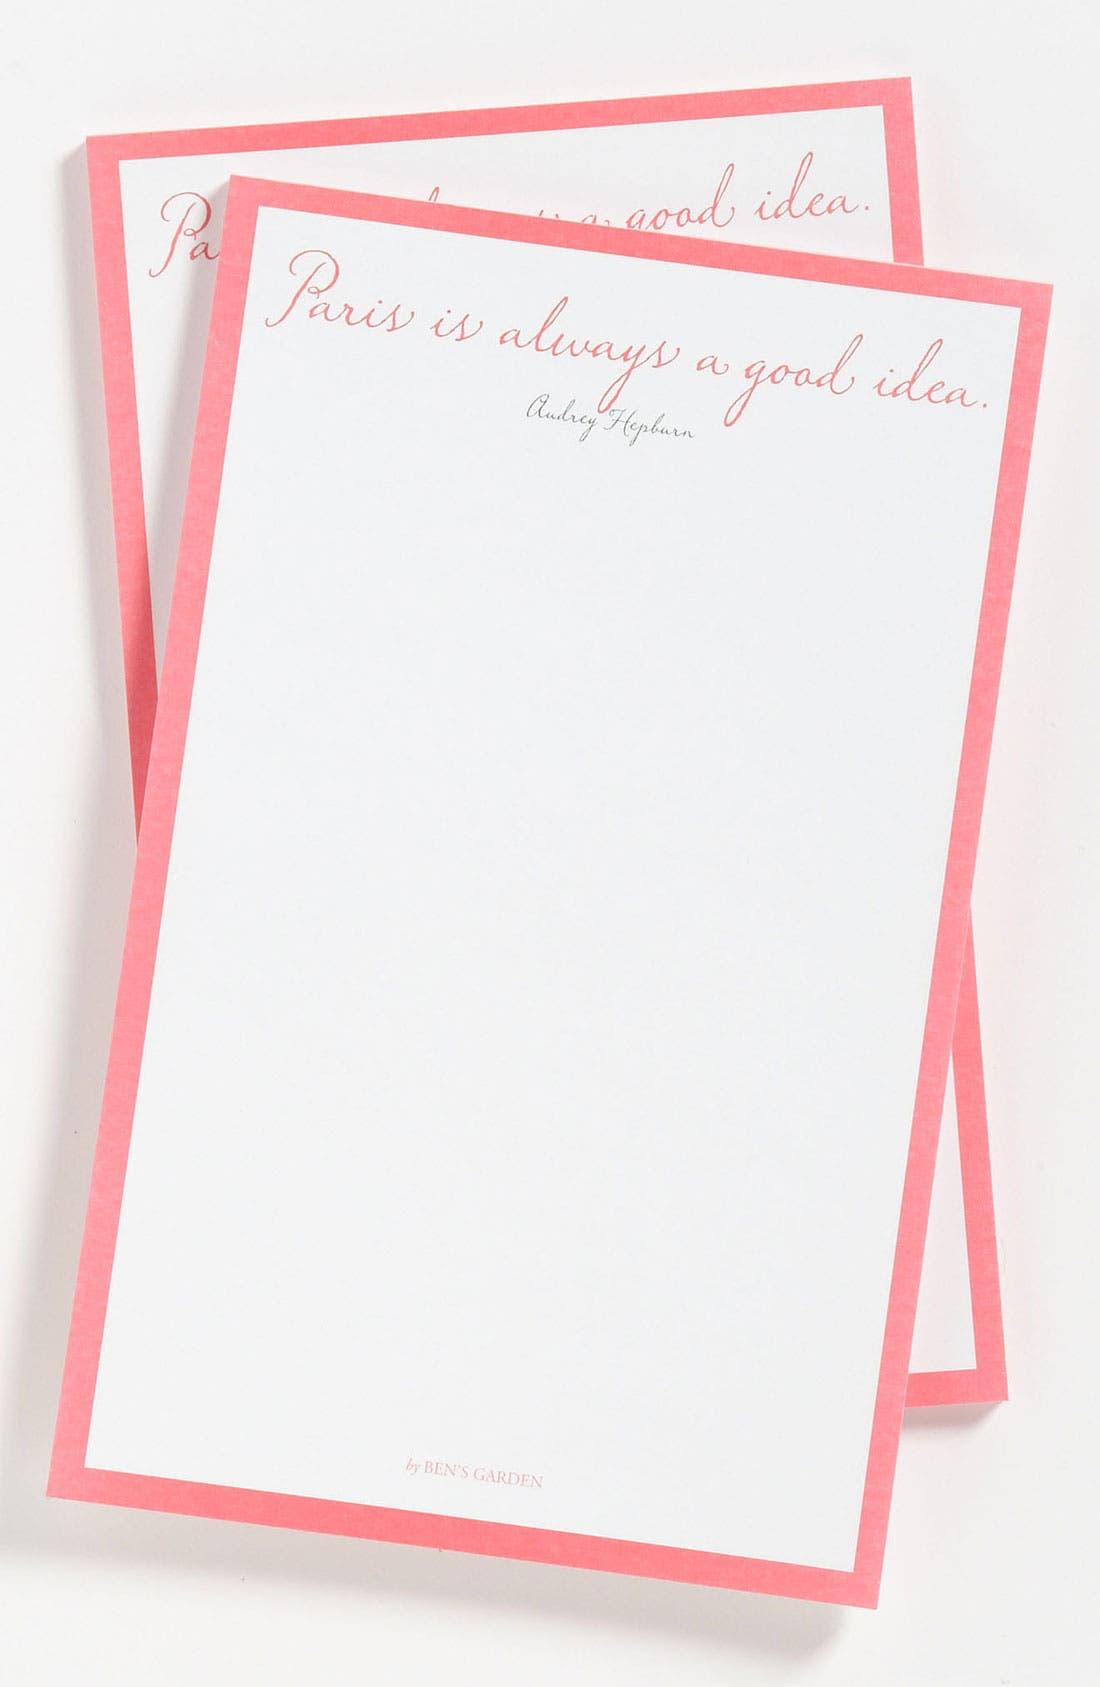 Alternate Image 1 Selected - Ben's Garden 'Paris Is Always' Notepads (2-Pack)